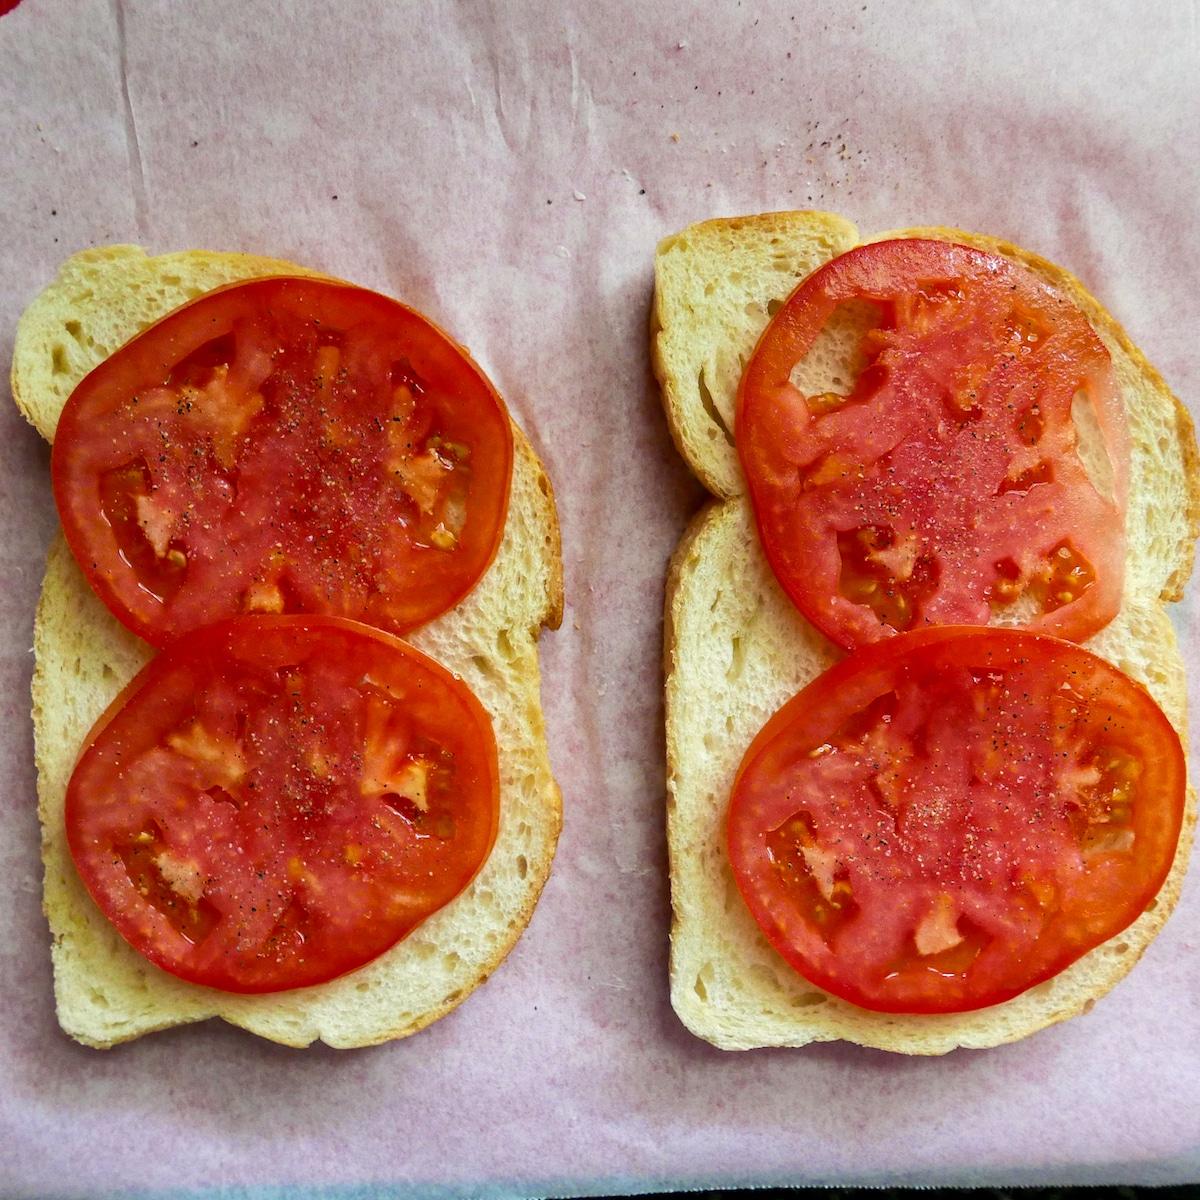 tomato slices on sourdough bread